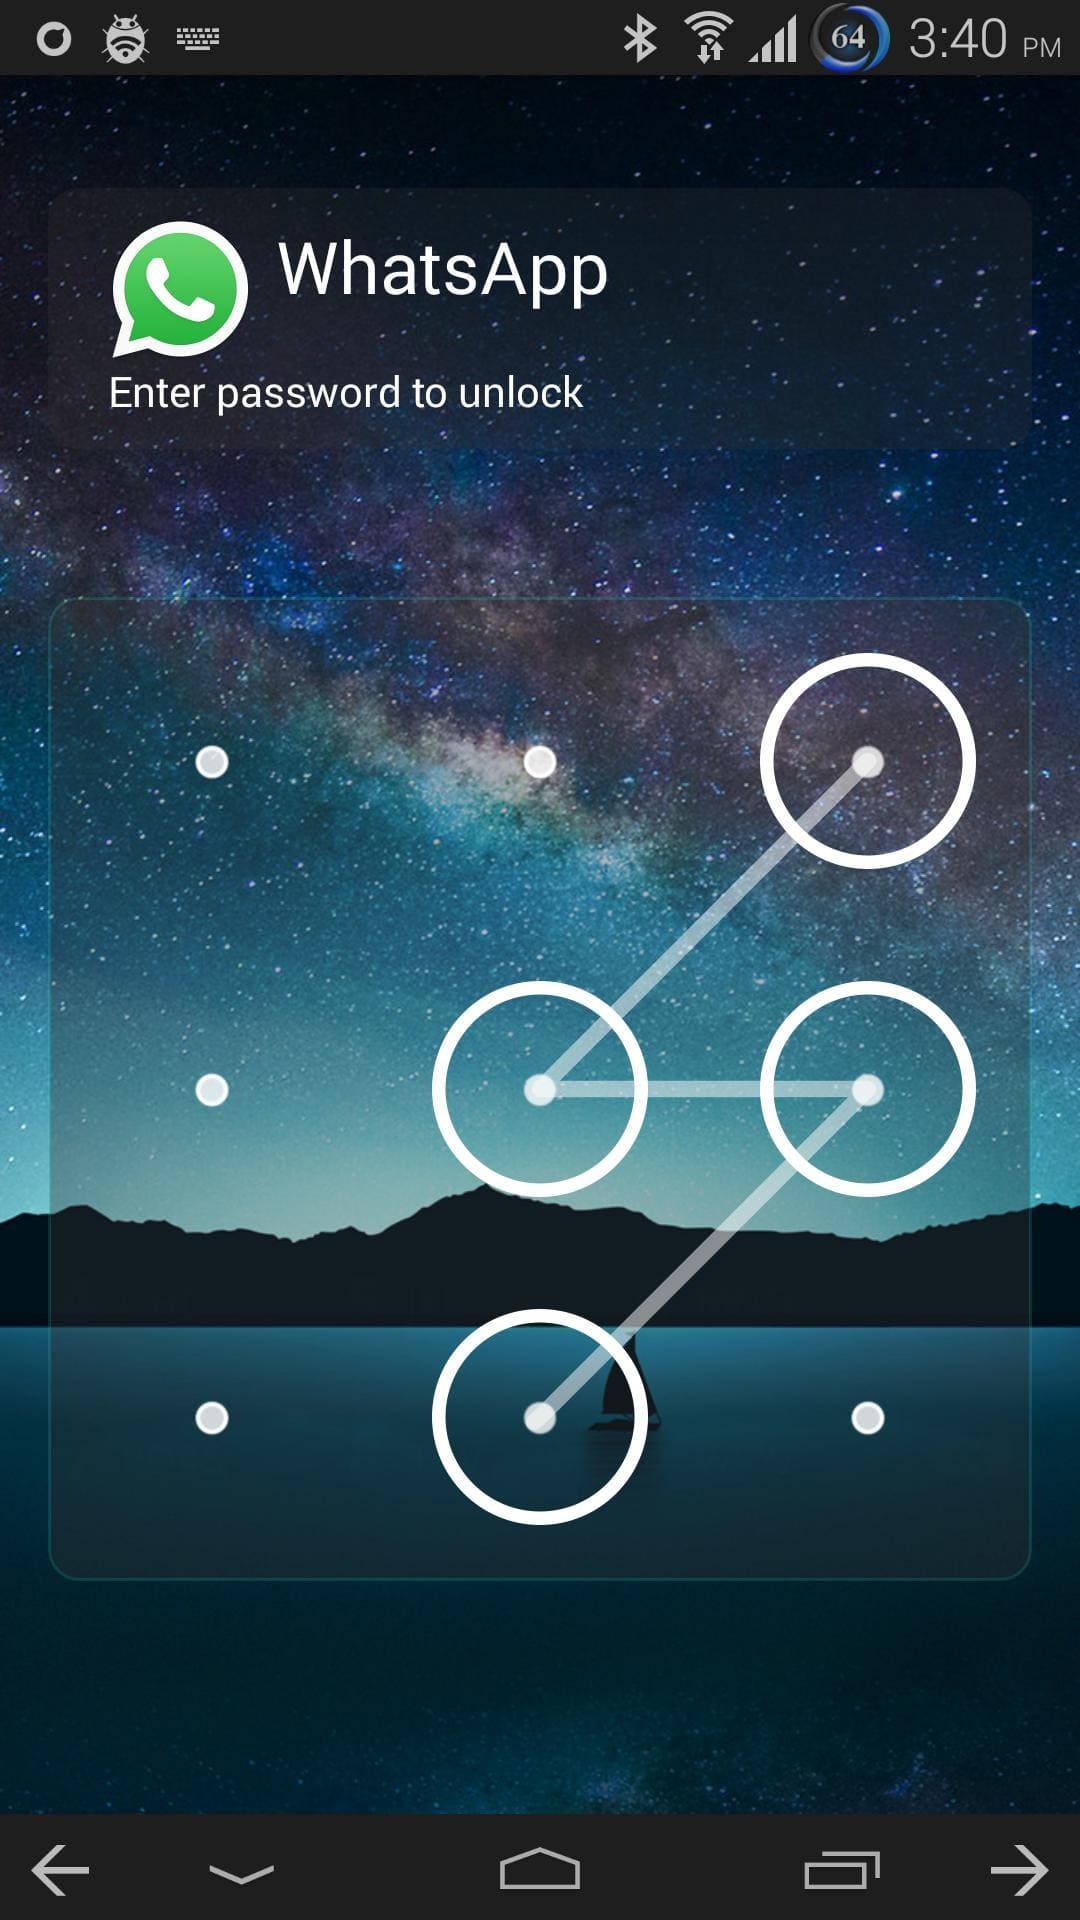 الخطوة الثالثة: قفل تطبيق واتساب بكلمة سر